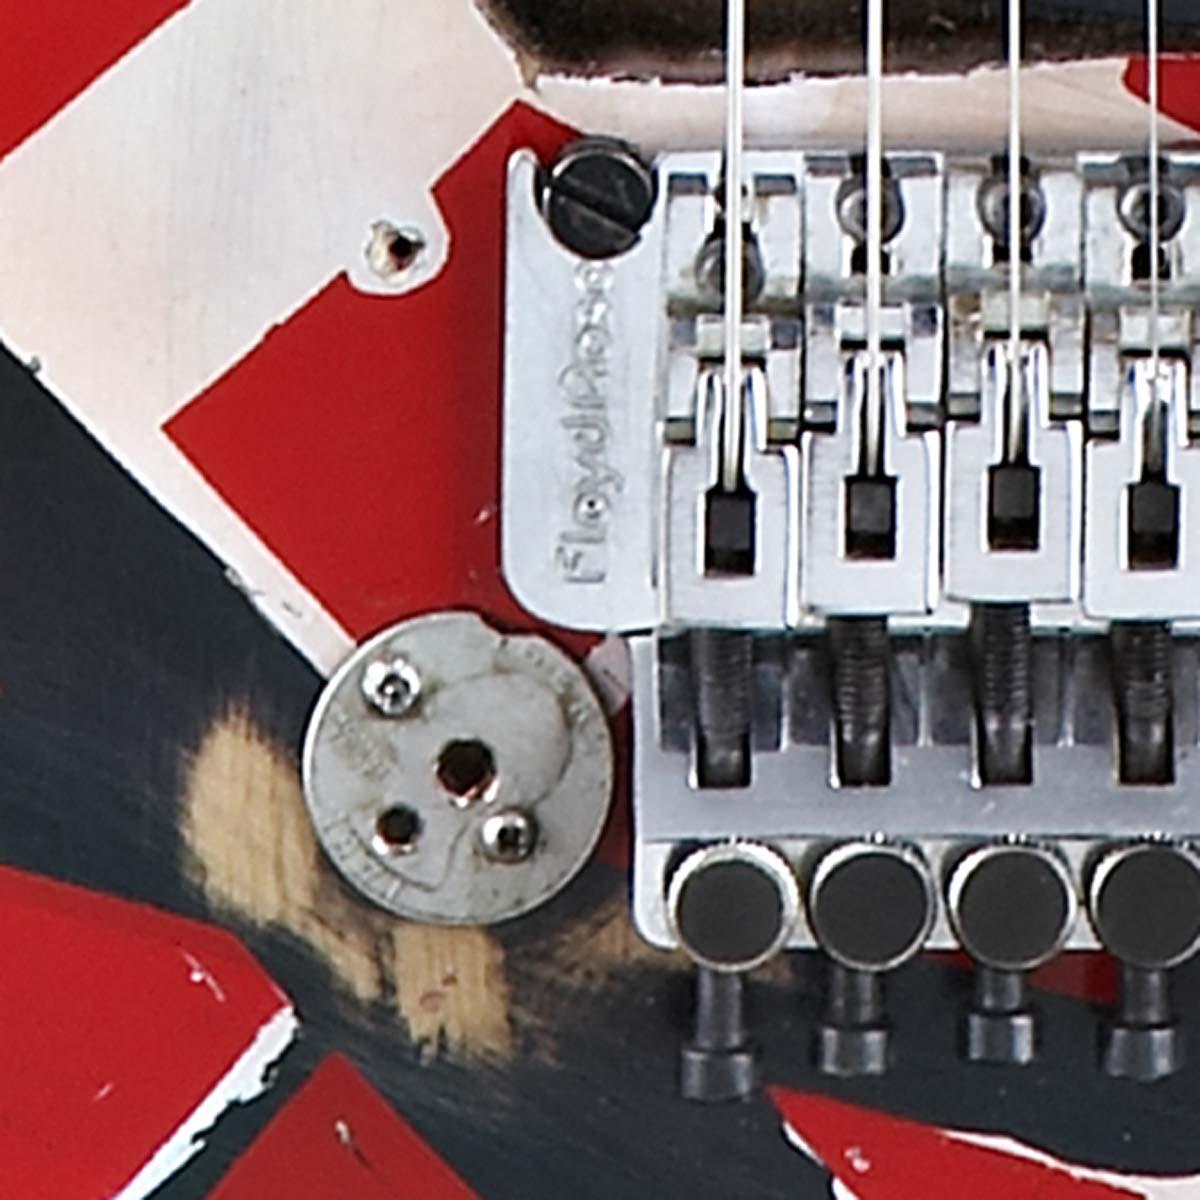 Evh Frankenstrat 1971 Quarter For Your Replica Van Halen Guitar Axetremecreations